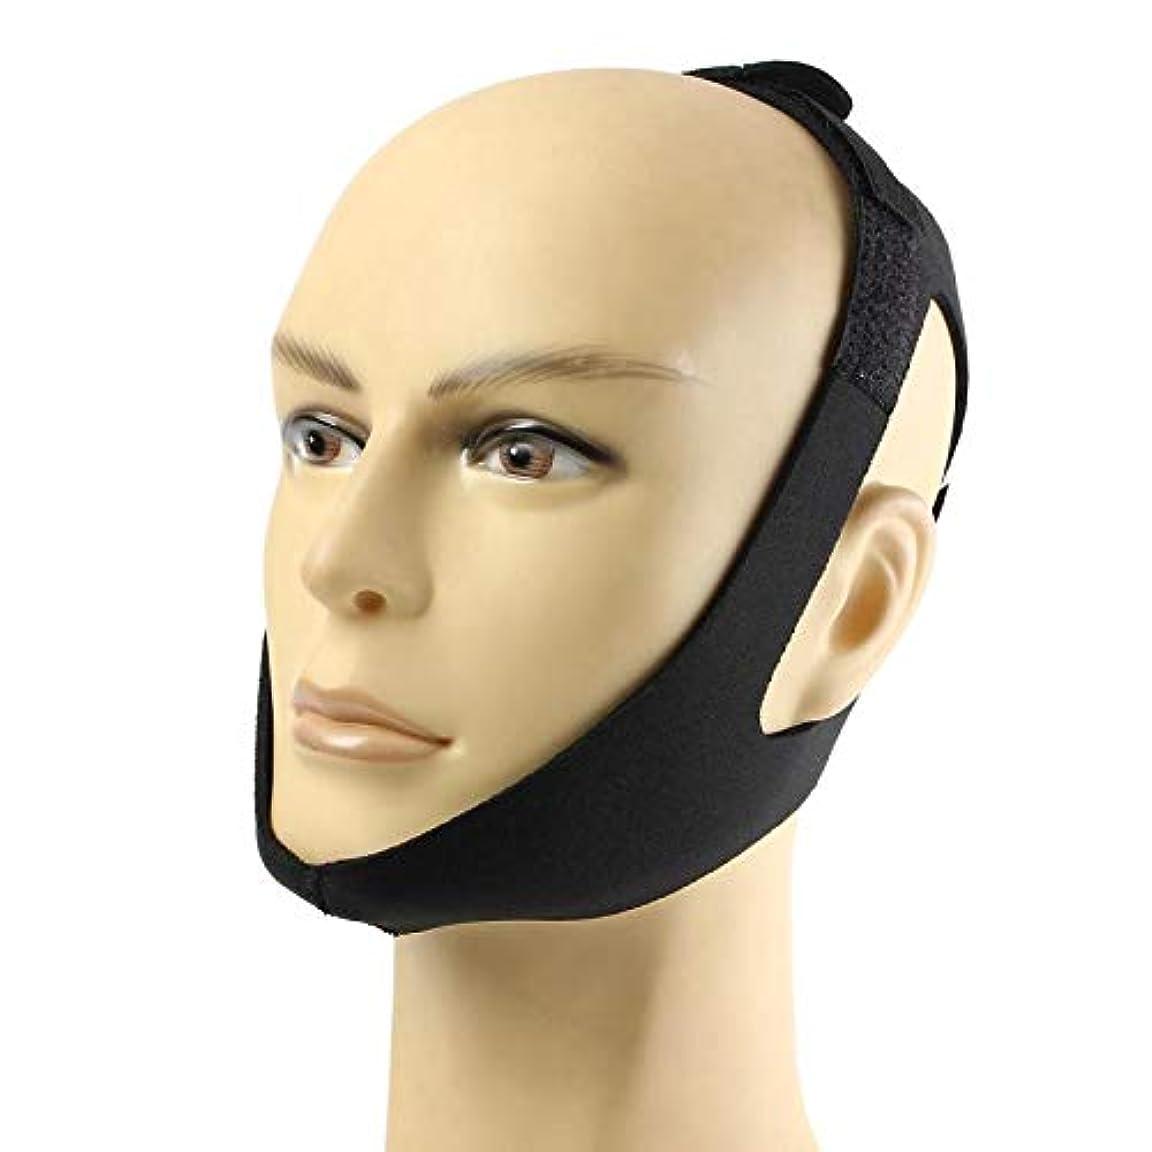 算術転送項目NOTE 1ピースアンチいびきベルト停止いびきあごストラップ抗無呼吸ソリューション顎サポート睡眠マスクヘッドバンド用女性男性ヘルスケア黒